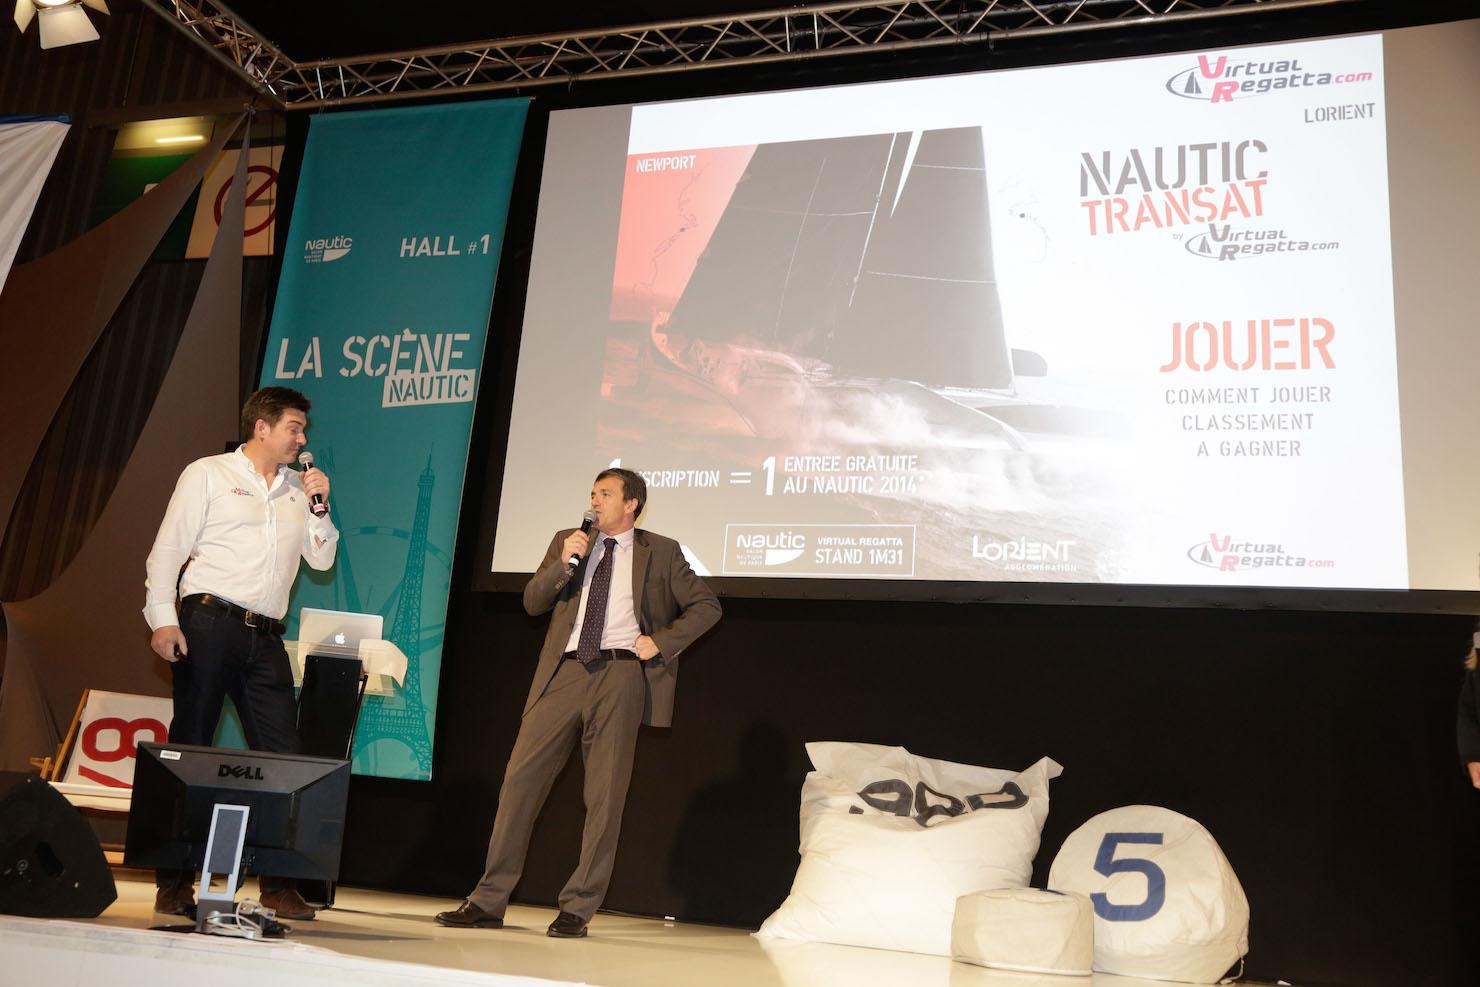 Nautic 2014 derni re ligne droite pour la nautic 2014 for Salon nautique porte de versailles horaires